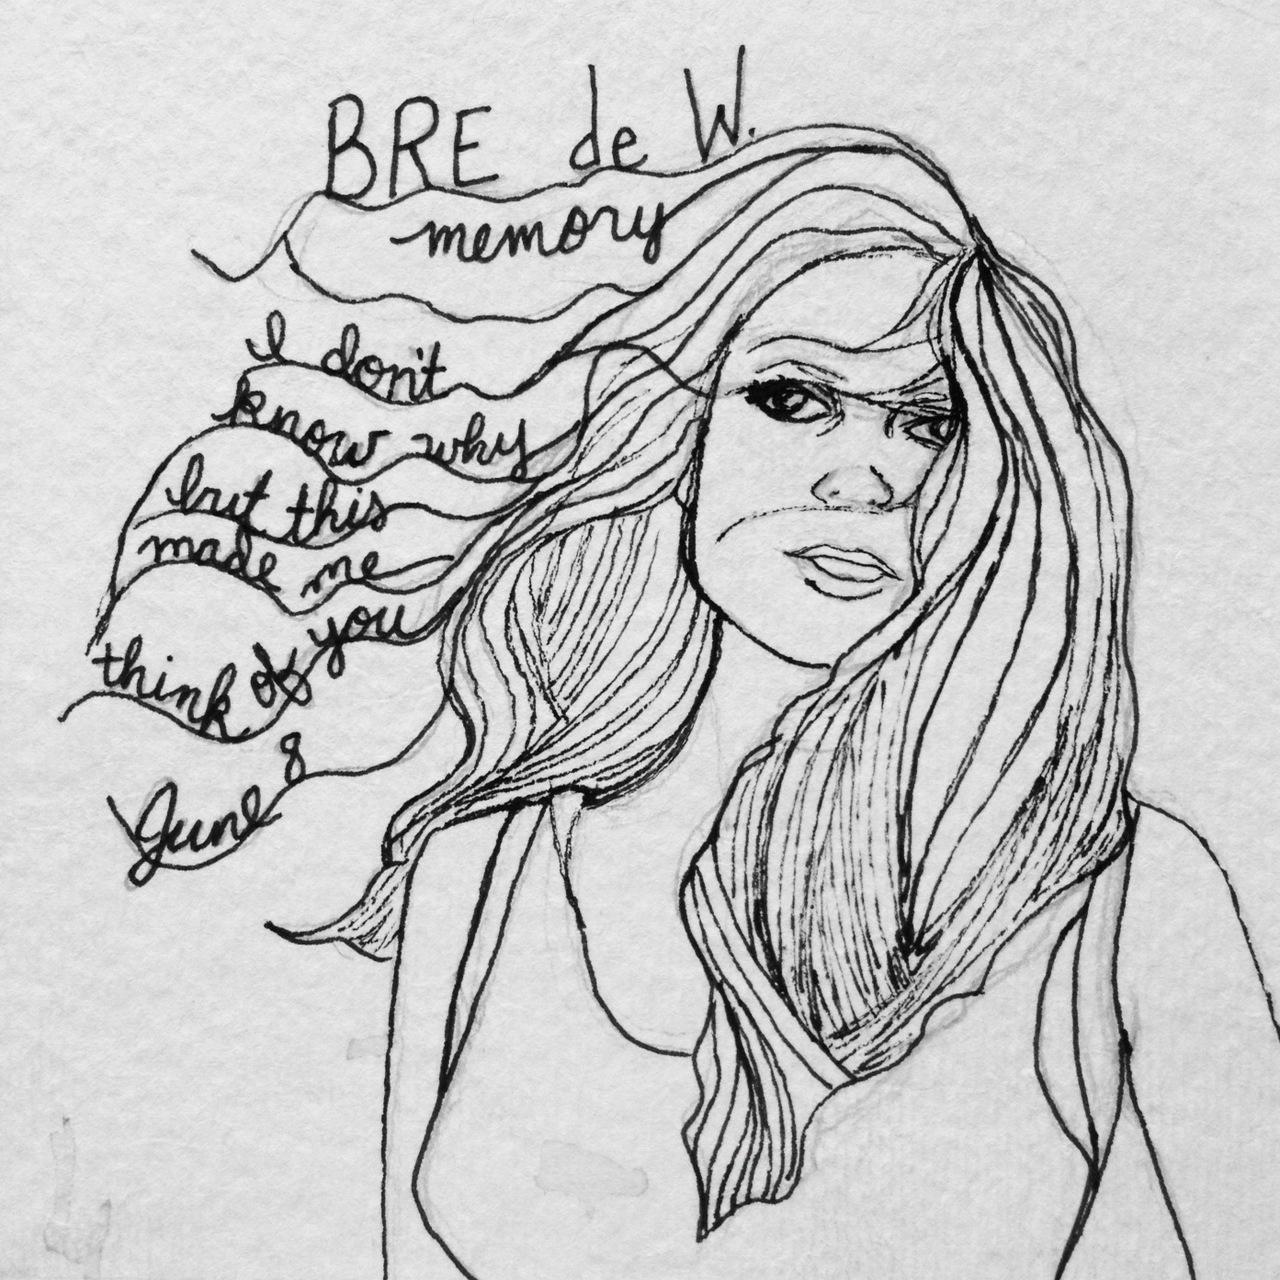 Facebook Memories: Bre de W.